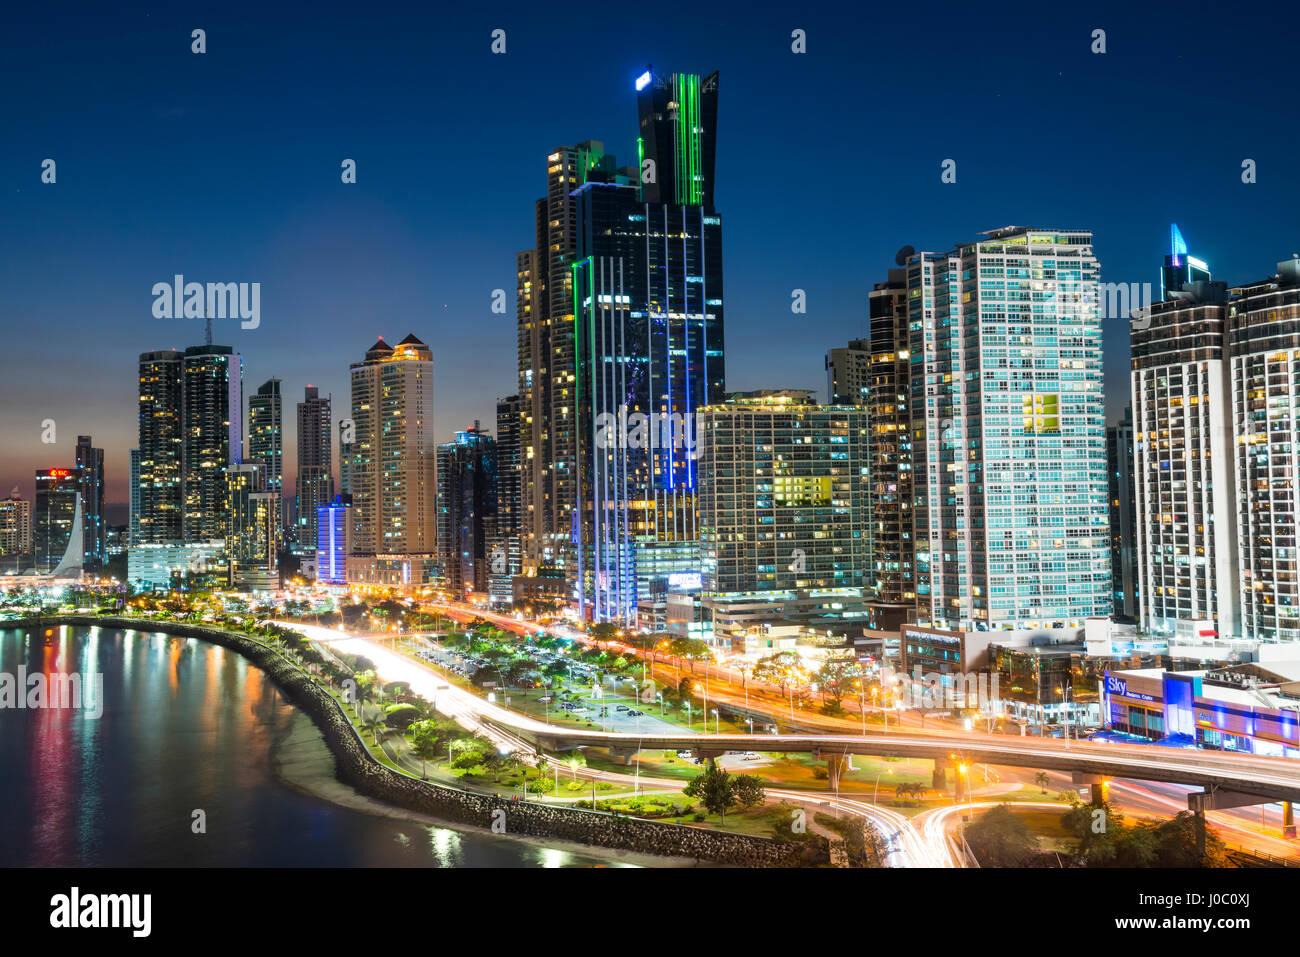 The skyline of Panama City at night, Panama City, Panama, Central America - Stock Image